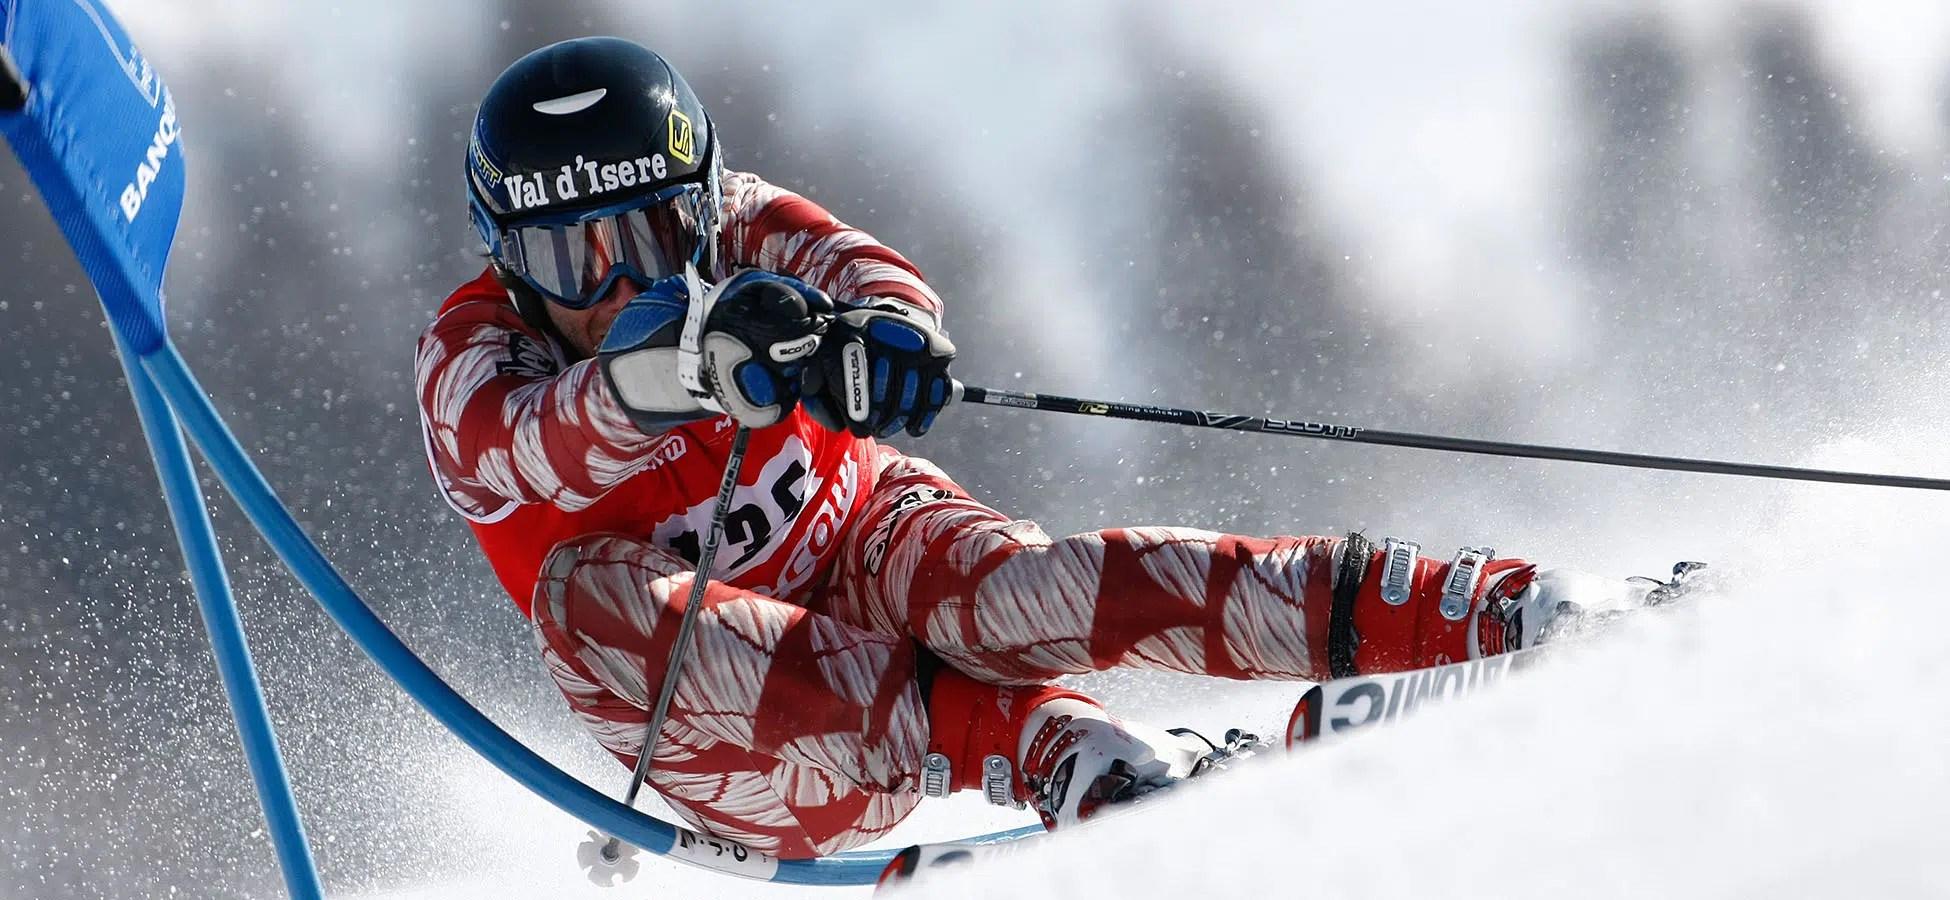 Photographe sportif : coupe du monde de ski à Val d'Isère